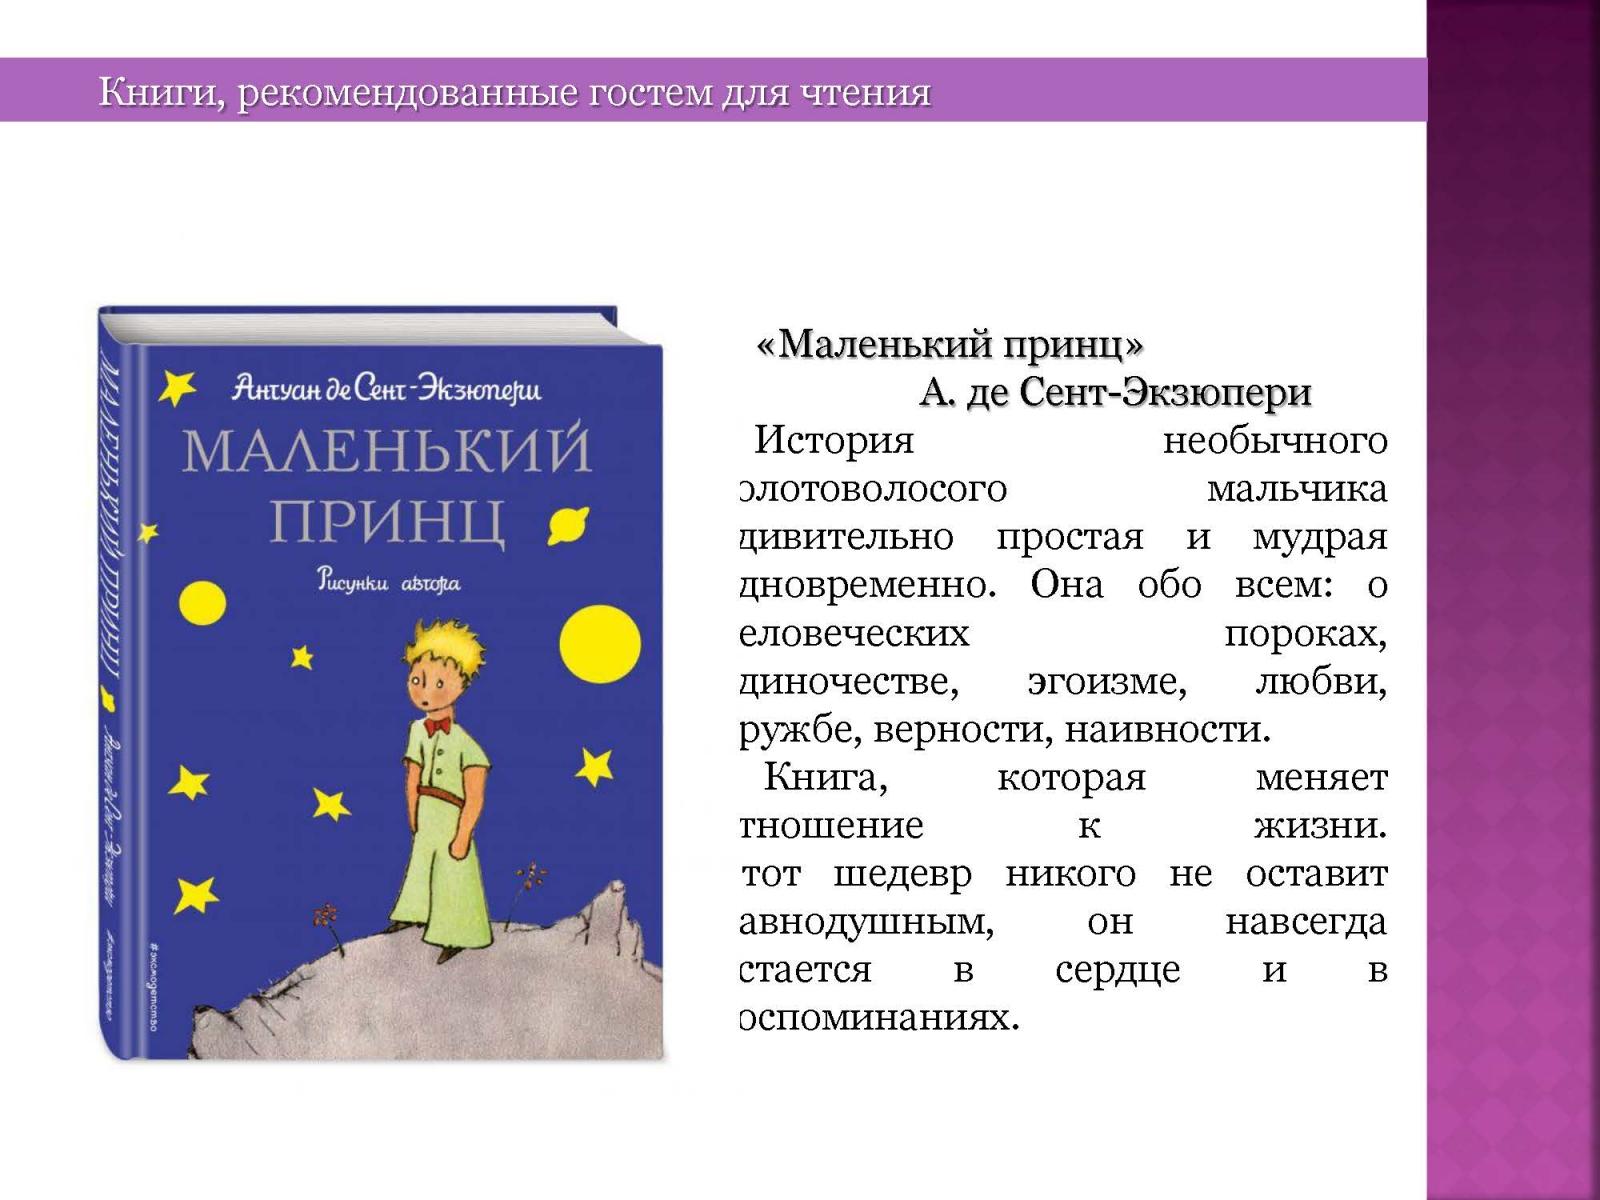 1_Aleksej-Nikitin_Stranica_13